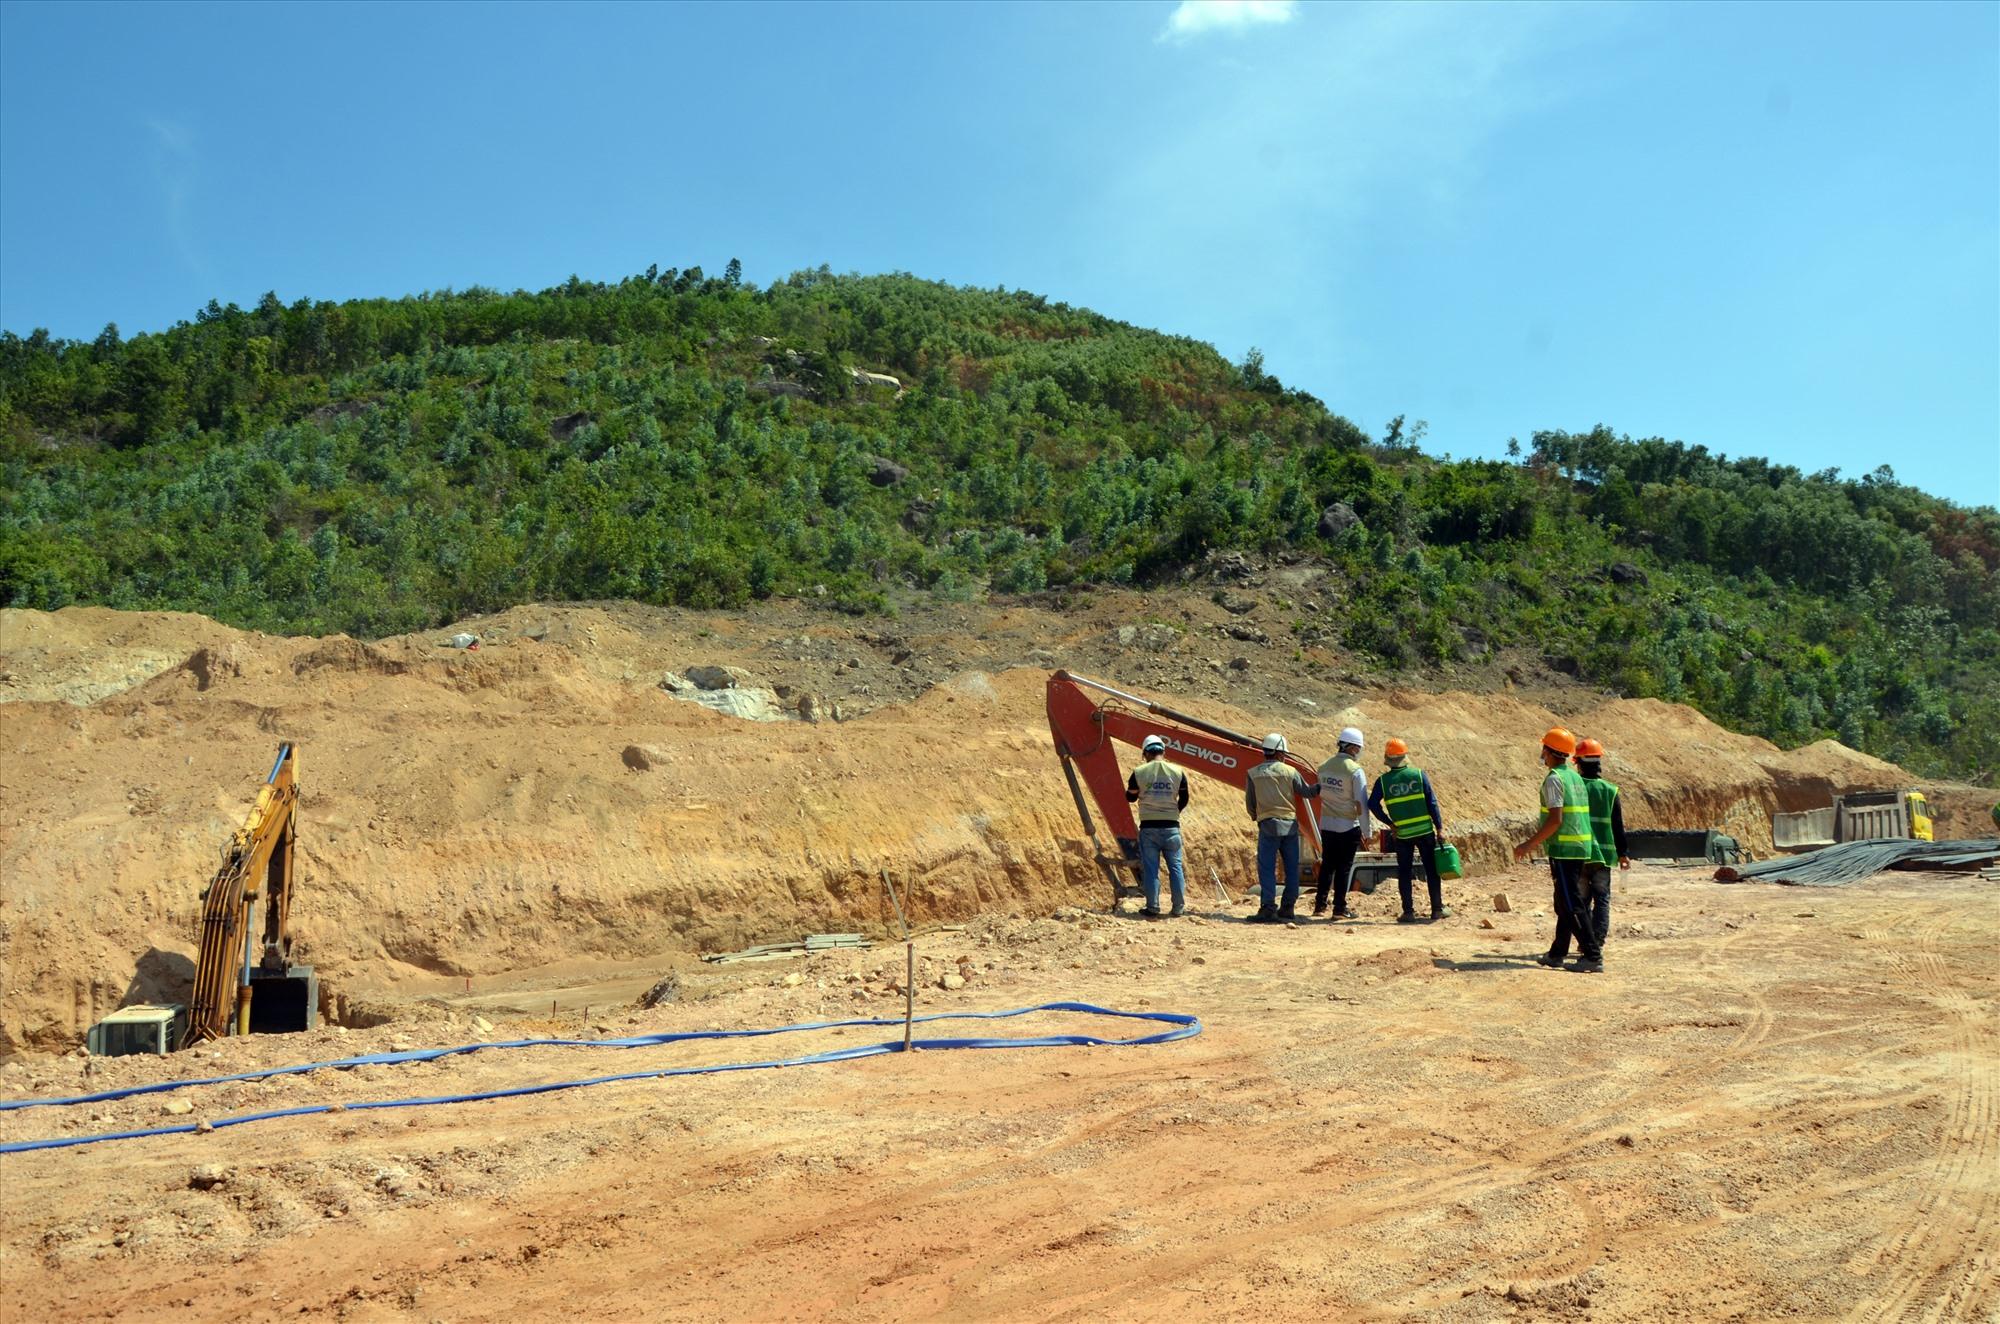 Địa điểm thi công dự án Nhà máy xử lý rác Bắc Quảng Nam tại thôn Hòa An, thị trấn Ái nghĩa. Ảnh: H.P